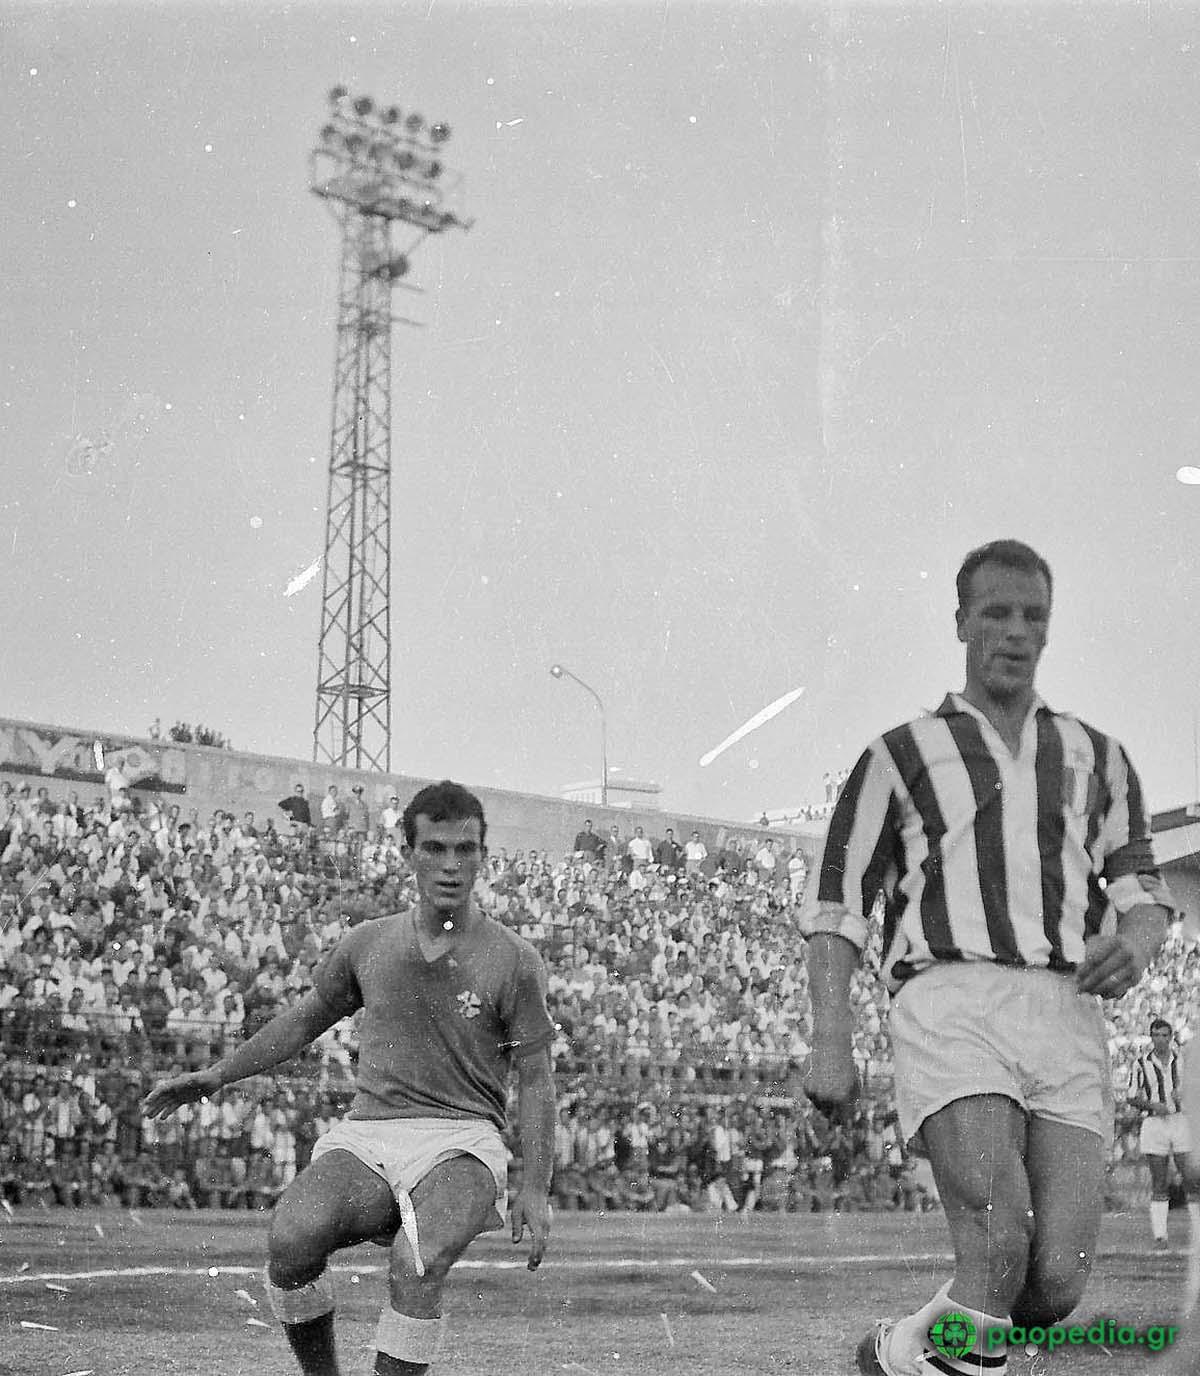 Μίμης Δομάζος, Τζον Τσαρλς, 1961 - Παναθηναϊκός - Γιουβέντους 1-1. paopedia.gr